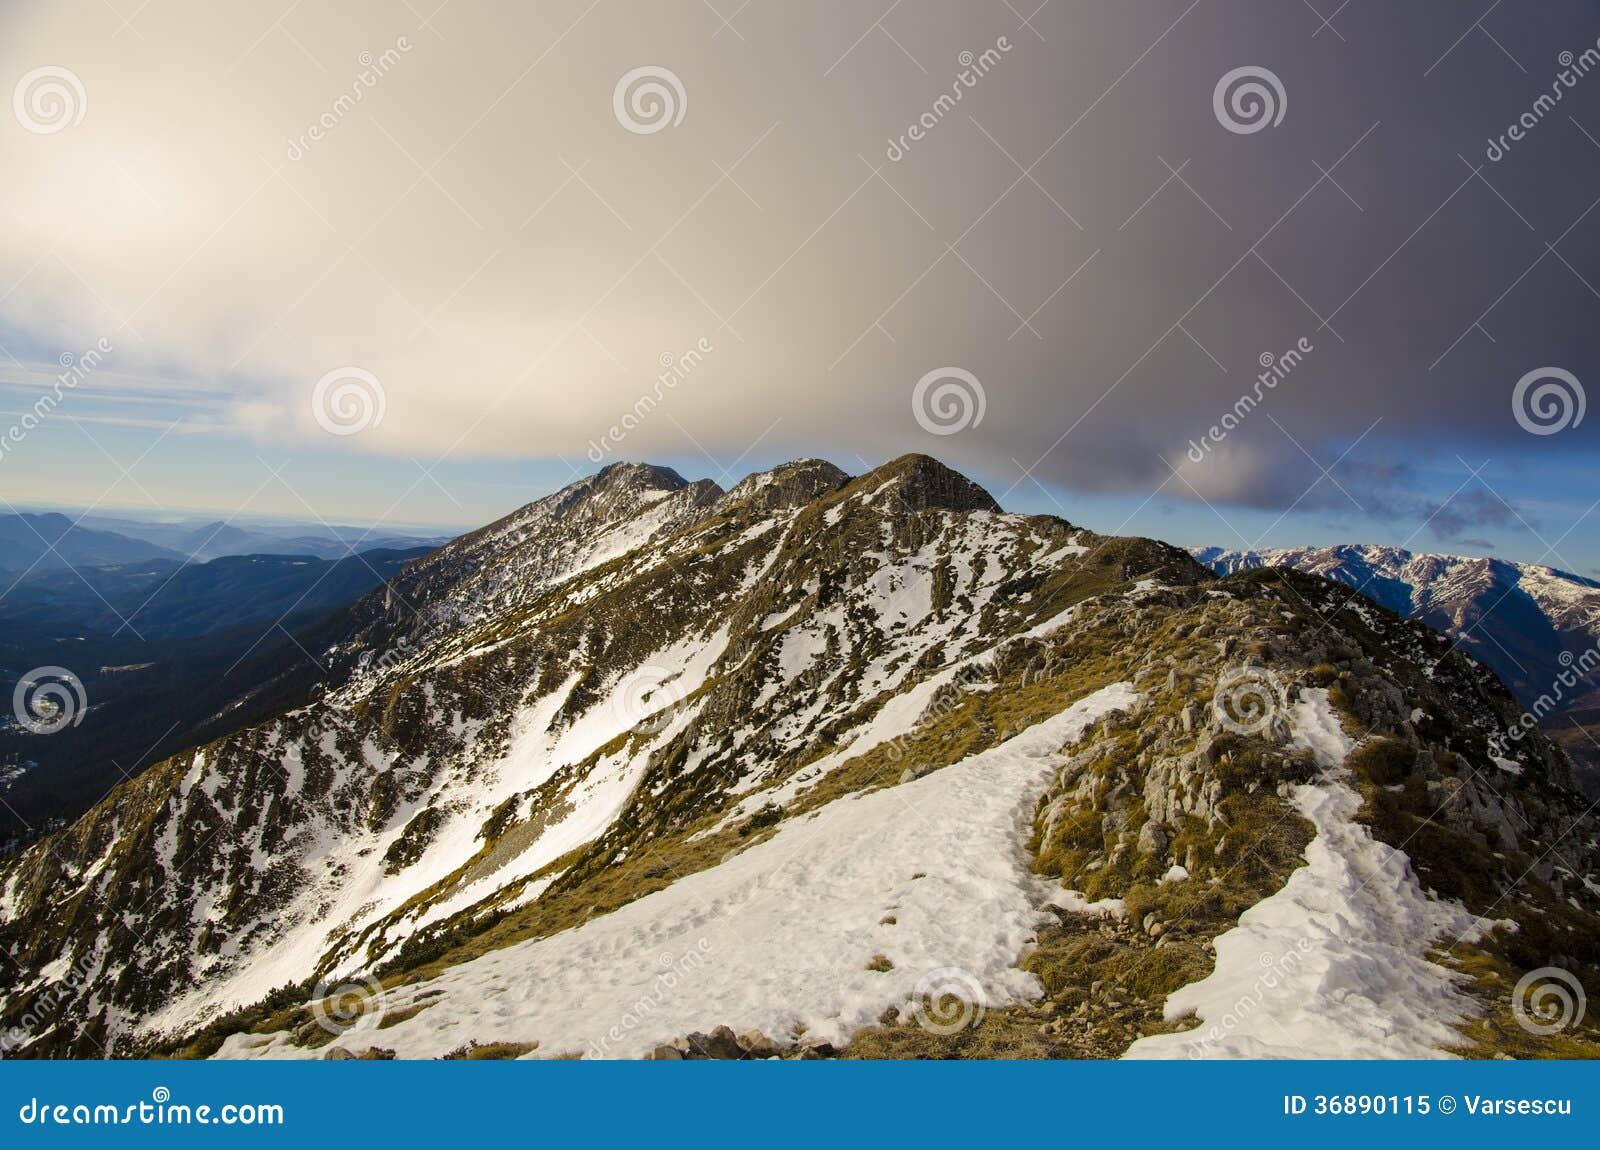 Download Cresta rocciosa immagine stock. Immagine di colore, recreational - 36890115